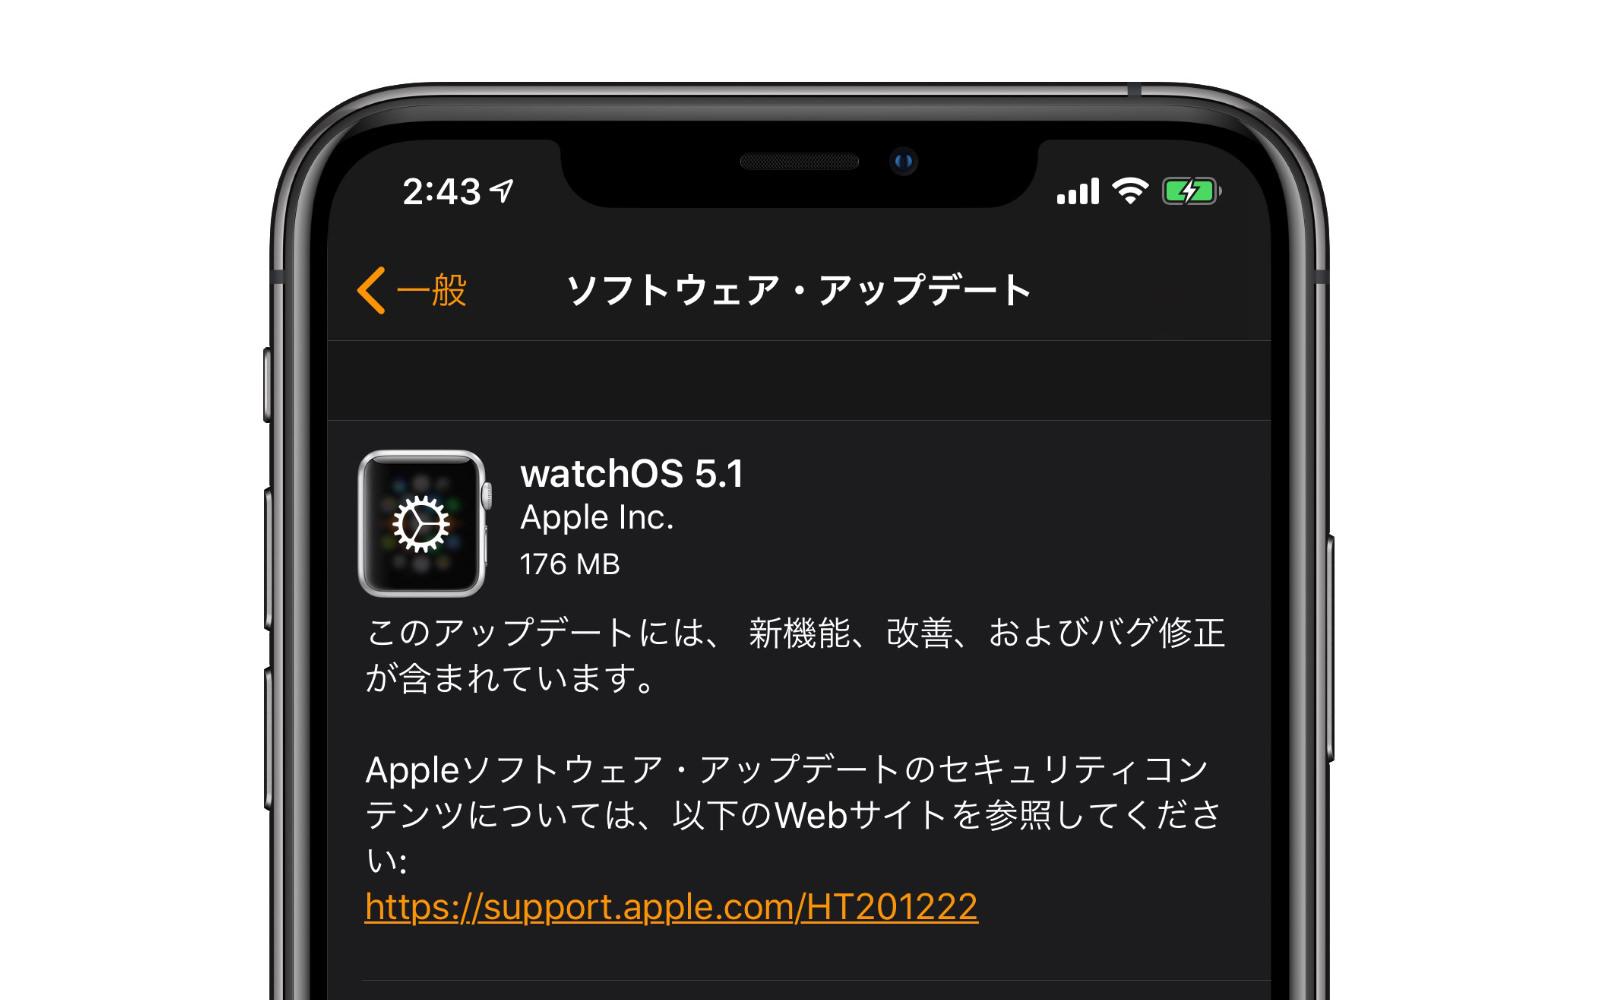 WatchOS 5 1 update